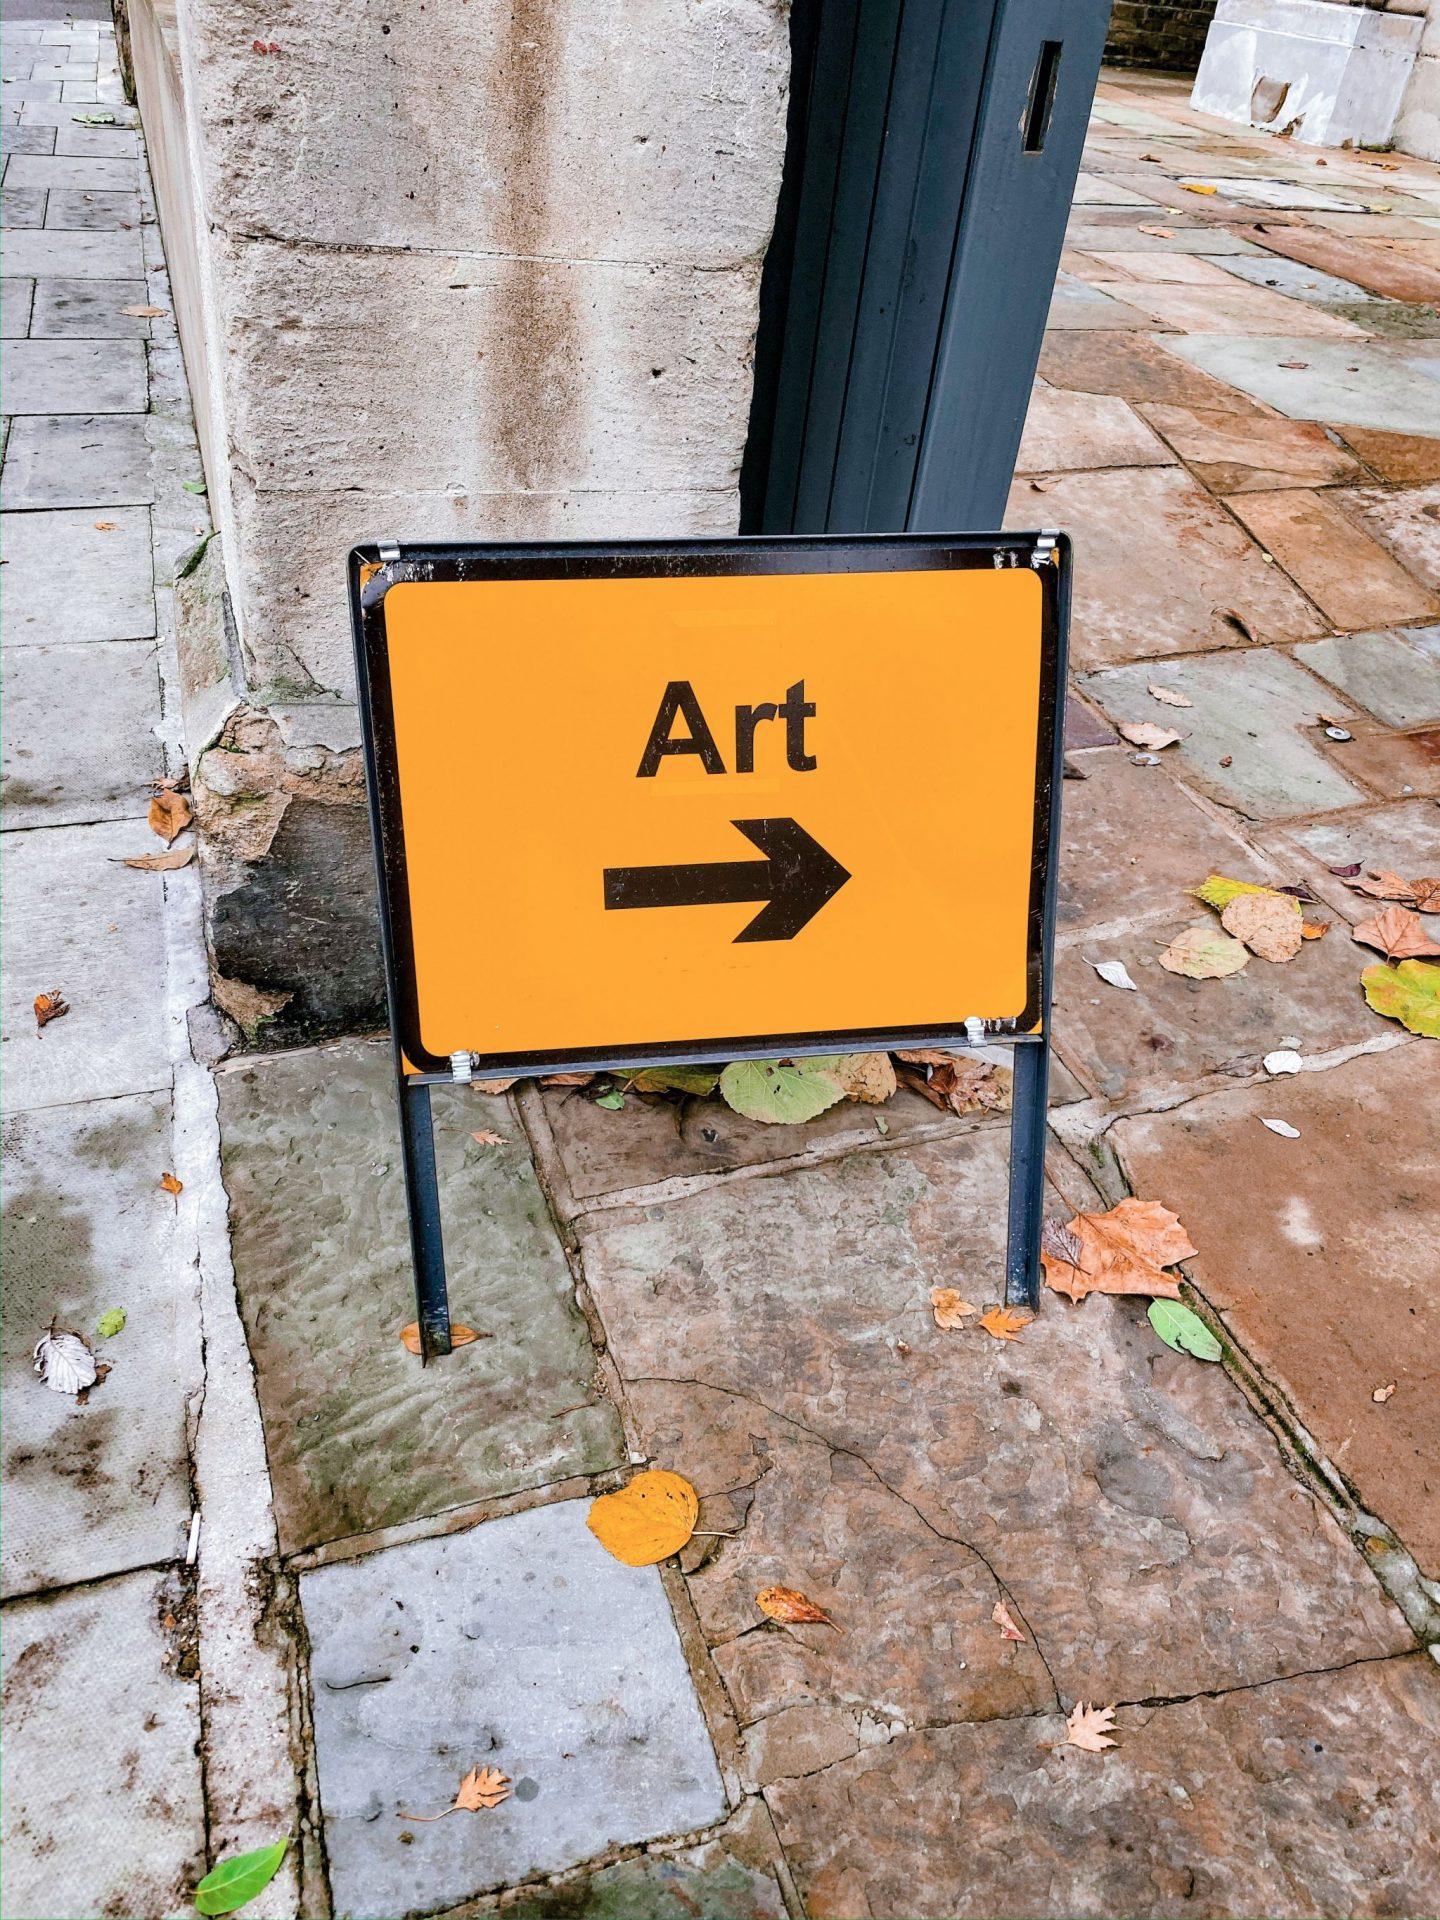 Art hazard sign